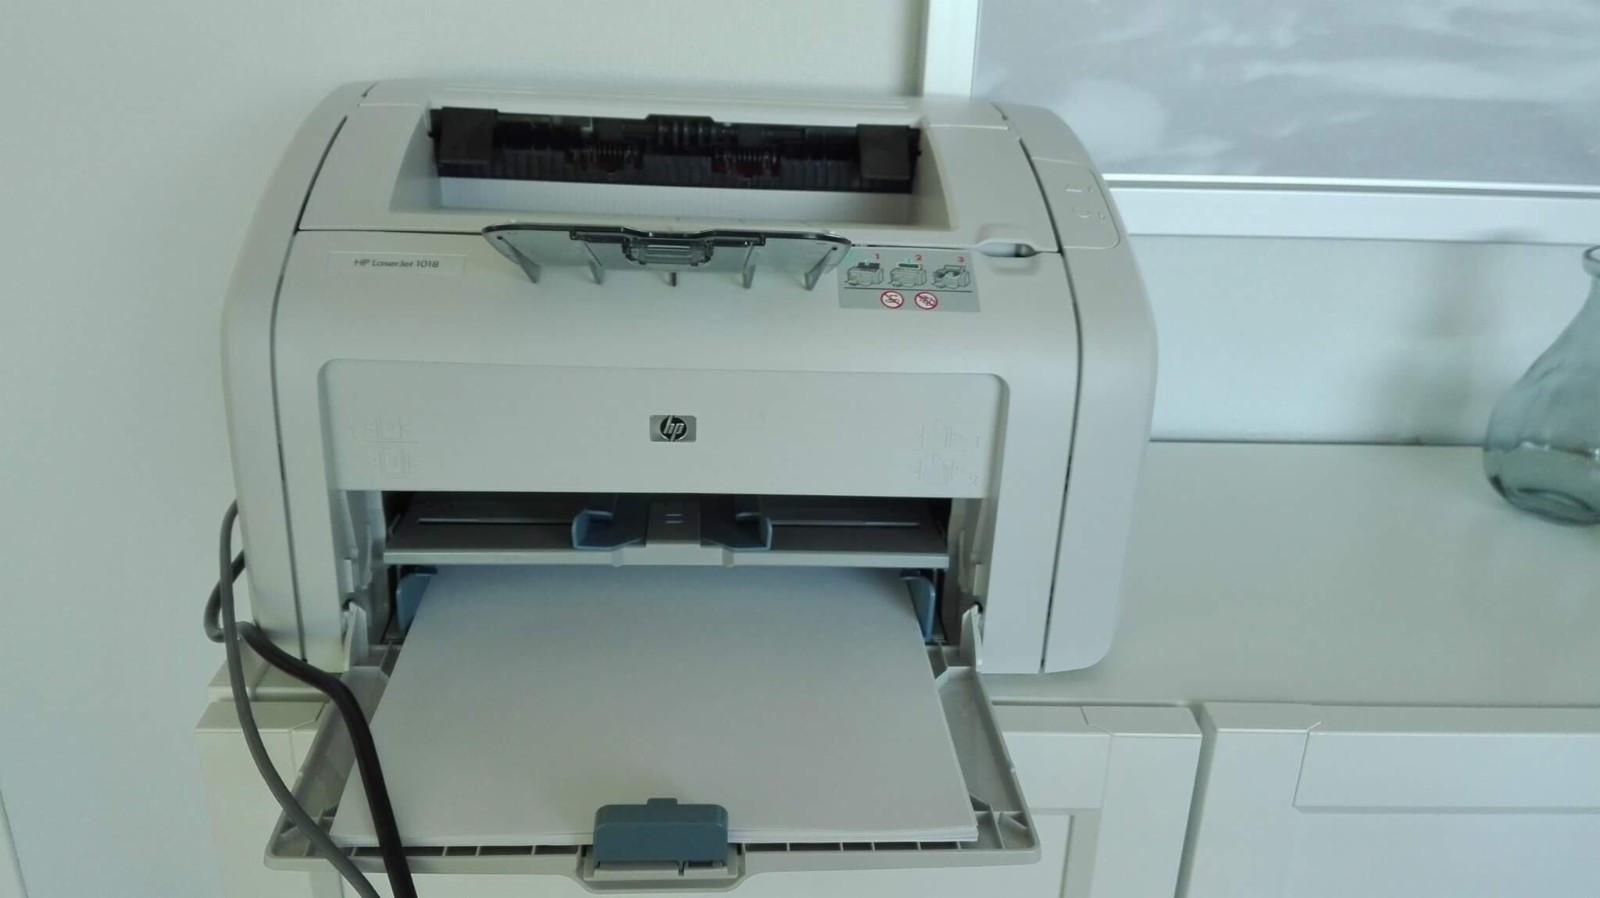 Printer HP 1018 laser jet - Oslo  - Printer HP 1018 laser jet, USB tilkobling. Selges pga flytting Pris 300kr  Skal hentes - Oslo